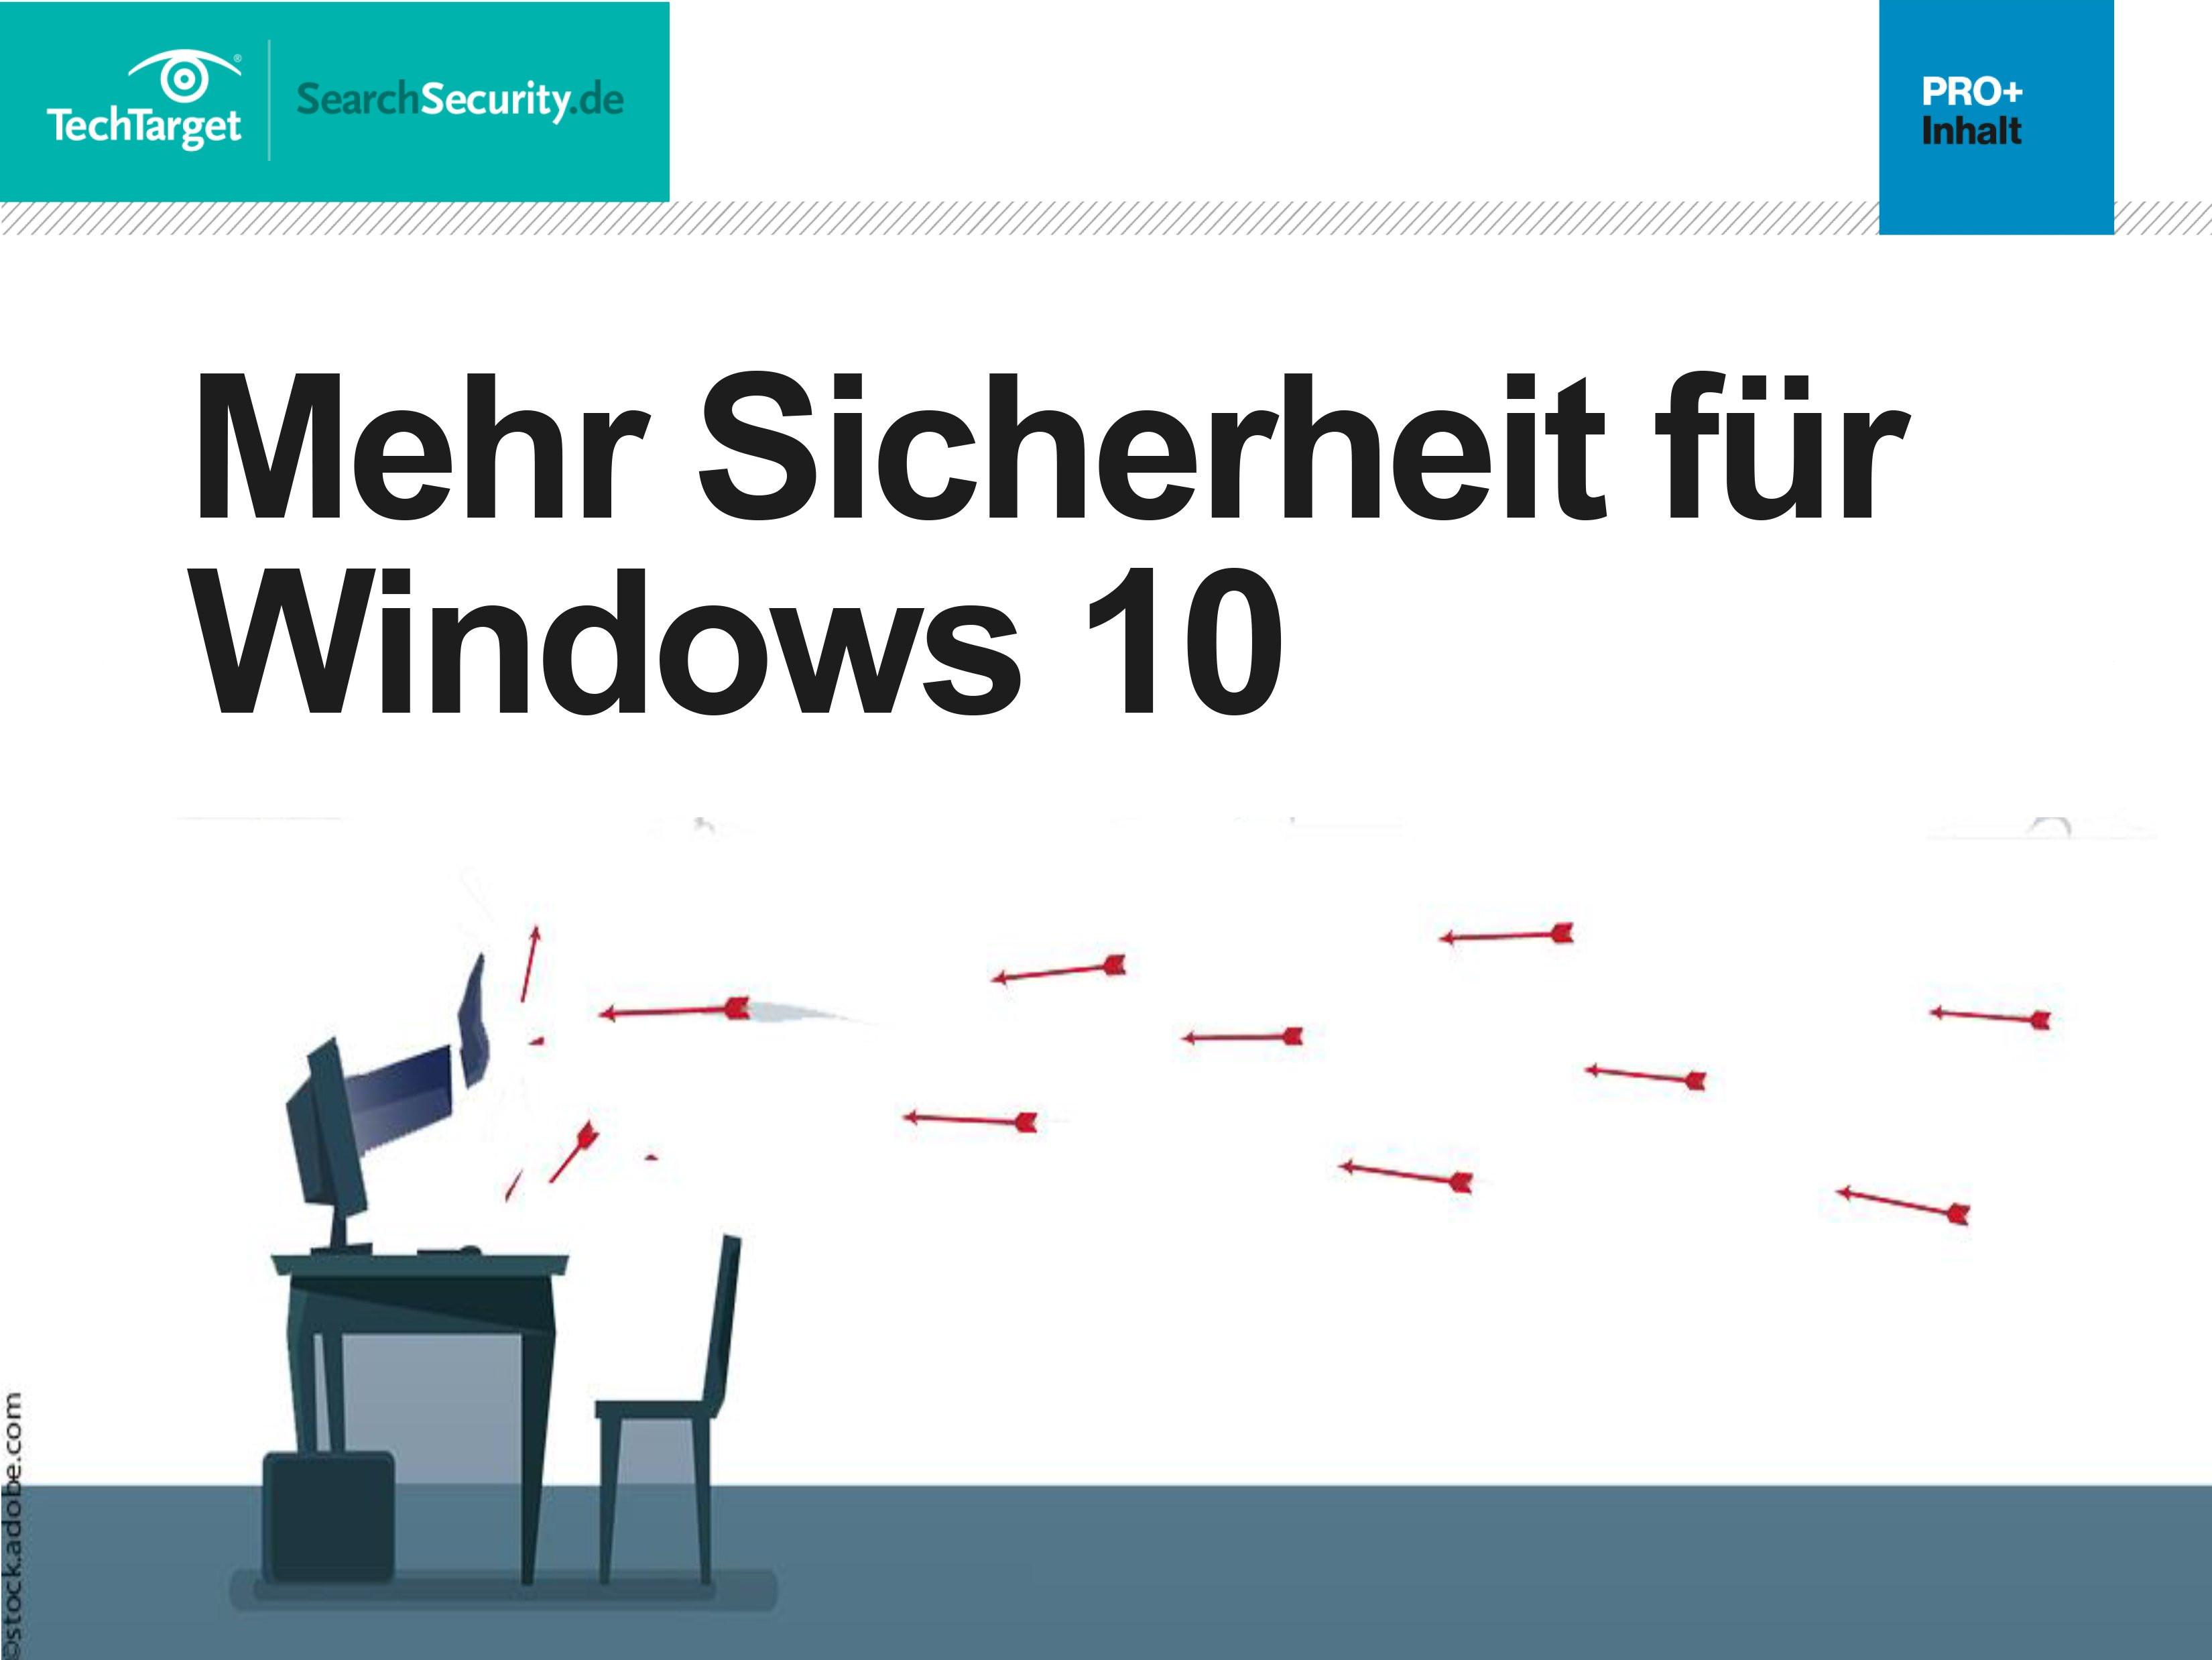 Bibi Und Tina Zdf Mediathek Frisch It Sicherheits Technologie Und Management Informationen News Und Galerie